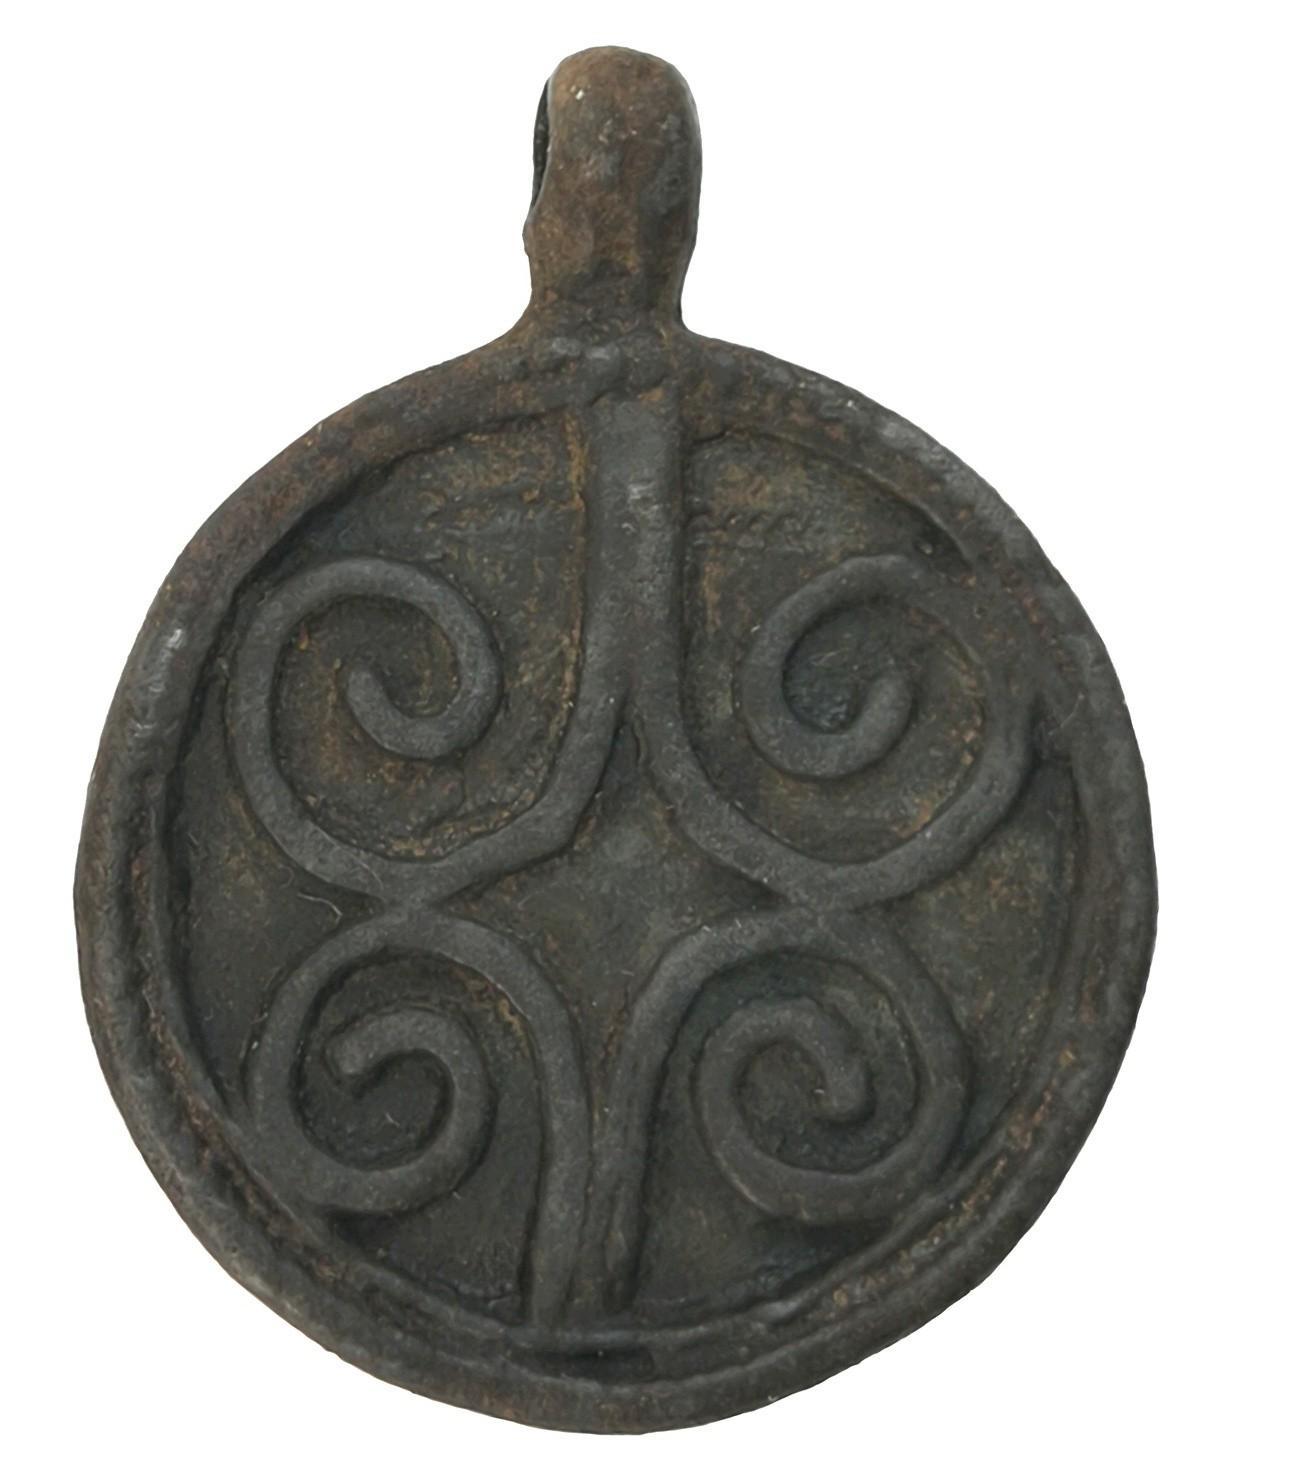 Привеска круглой формы с орнаментом из четырех ложно-филигранных завитков